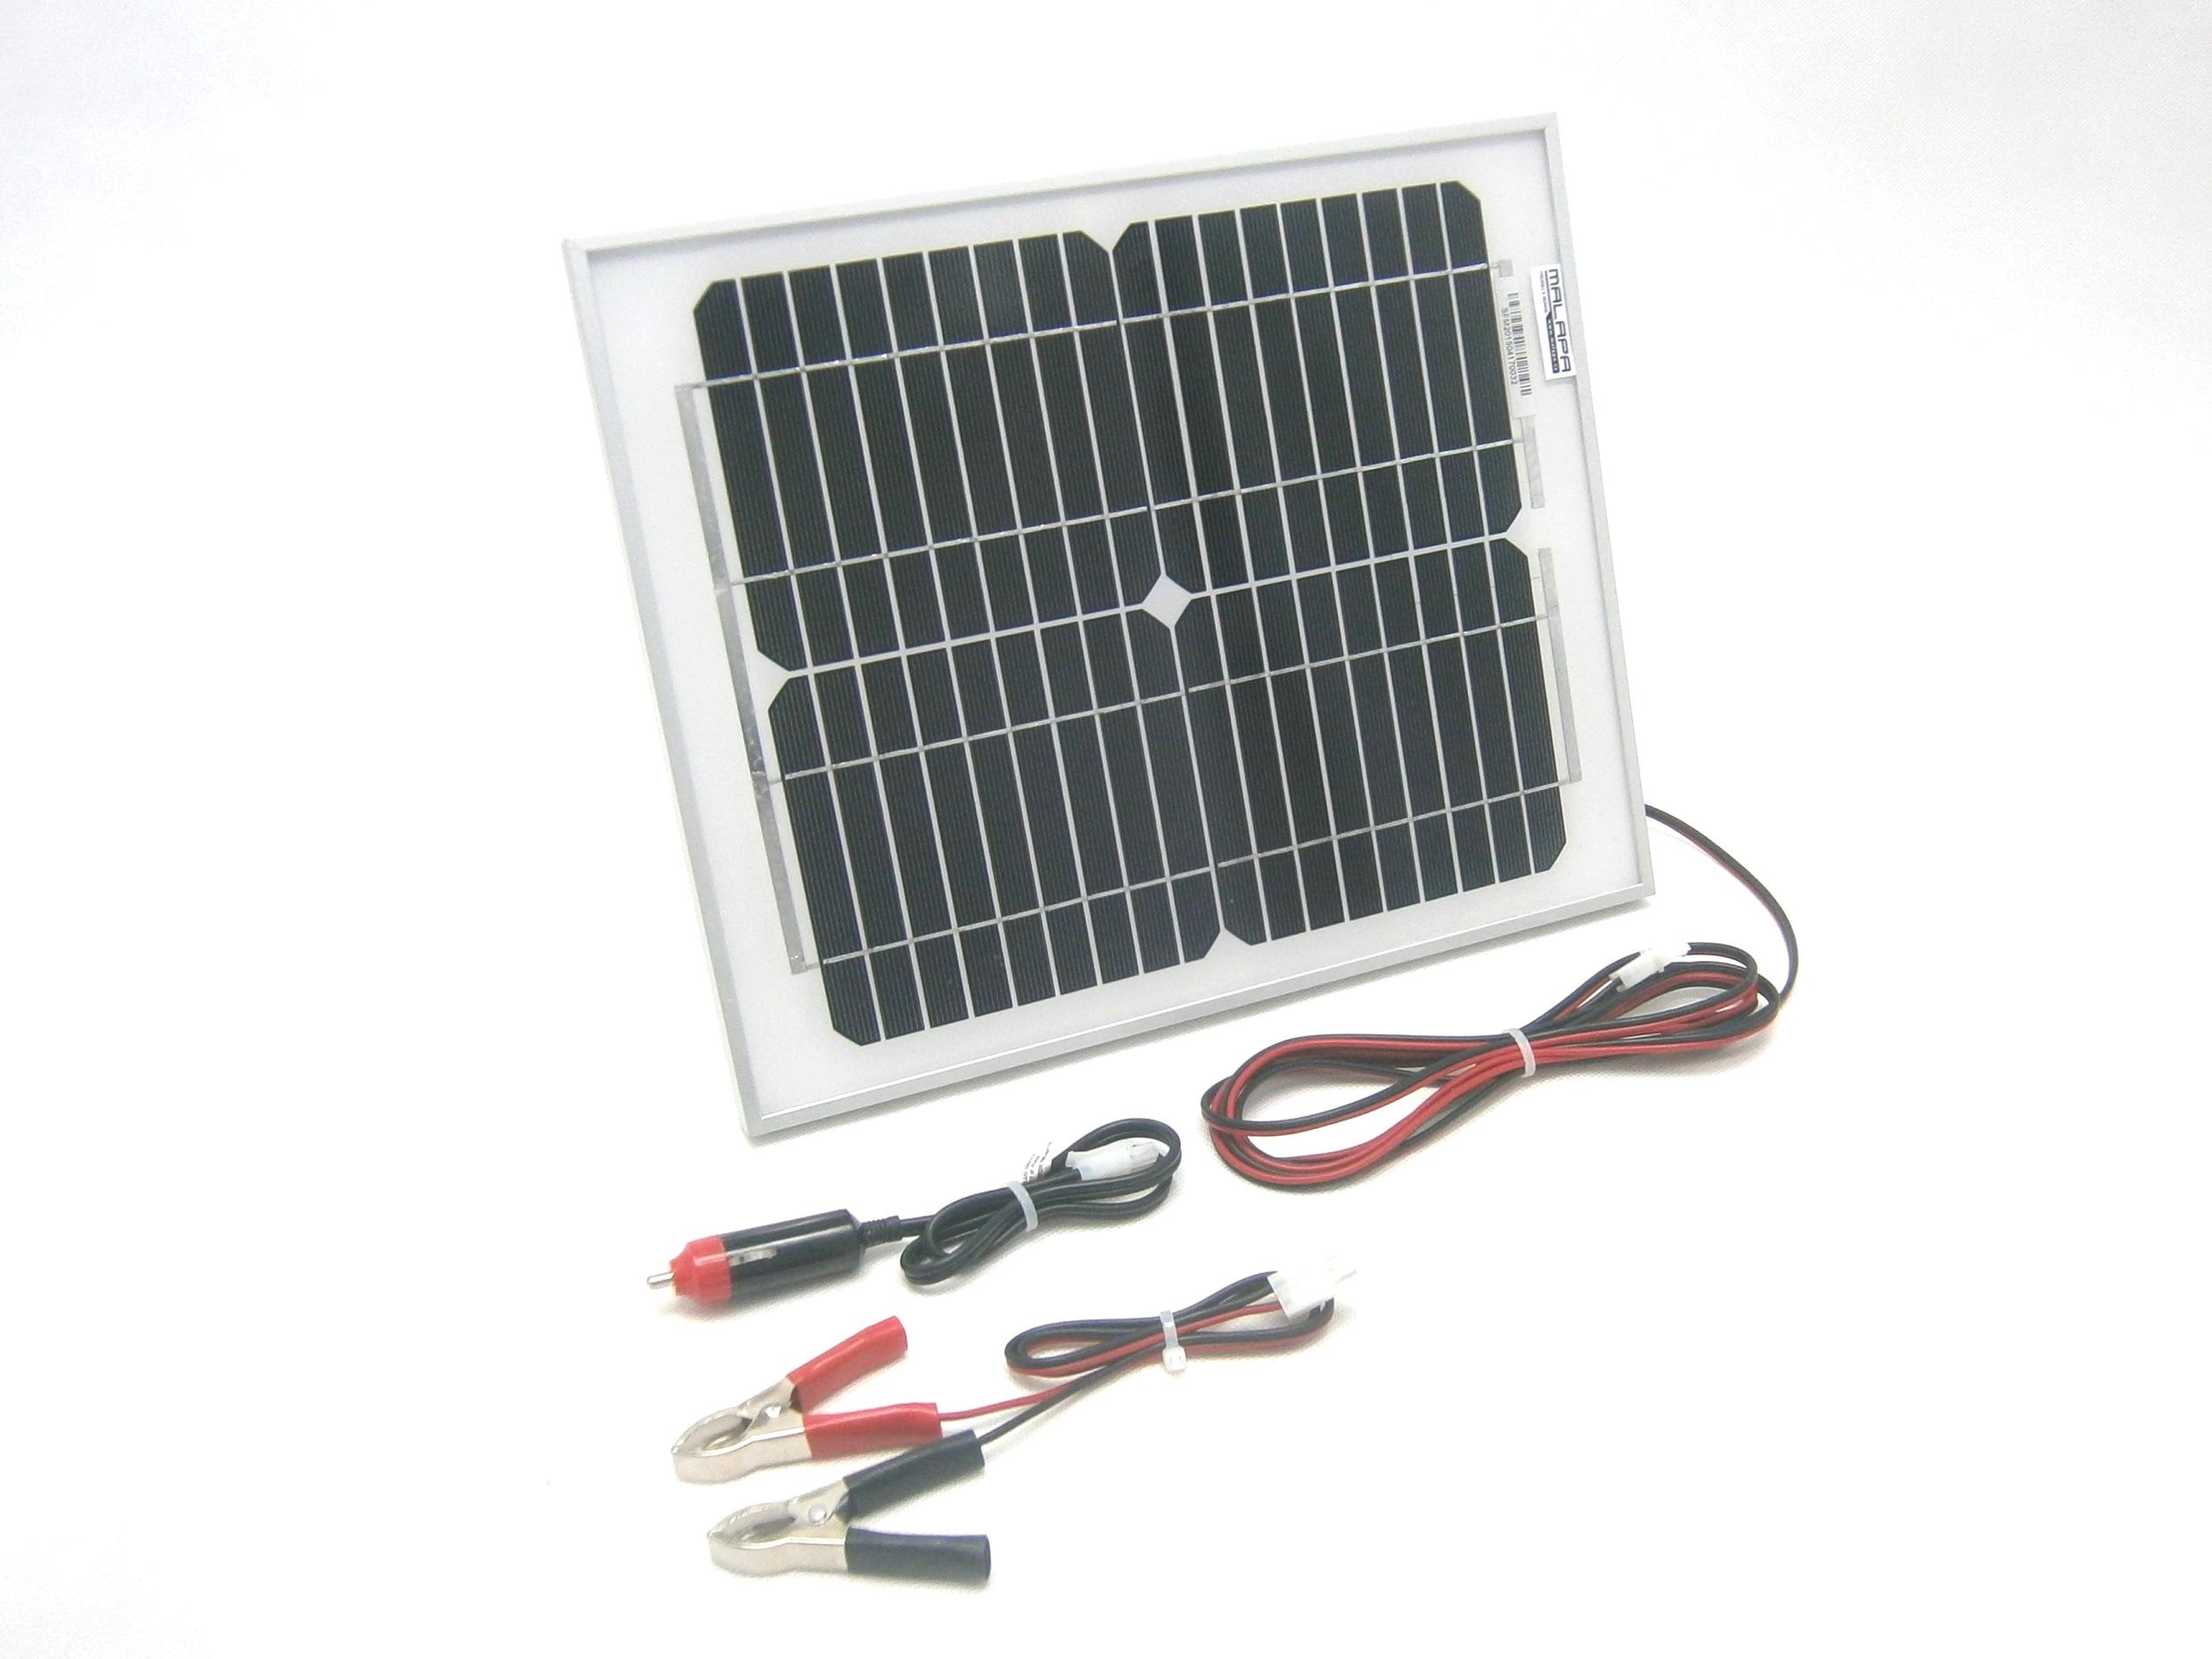 10W/ 12V solární nabíječka autobaterií, monokrystalická SO103